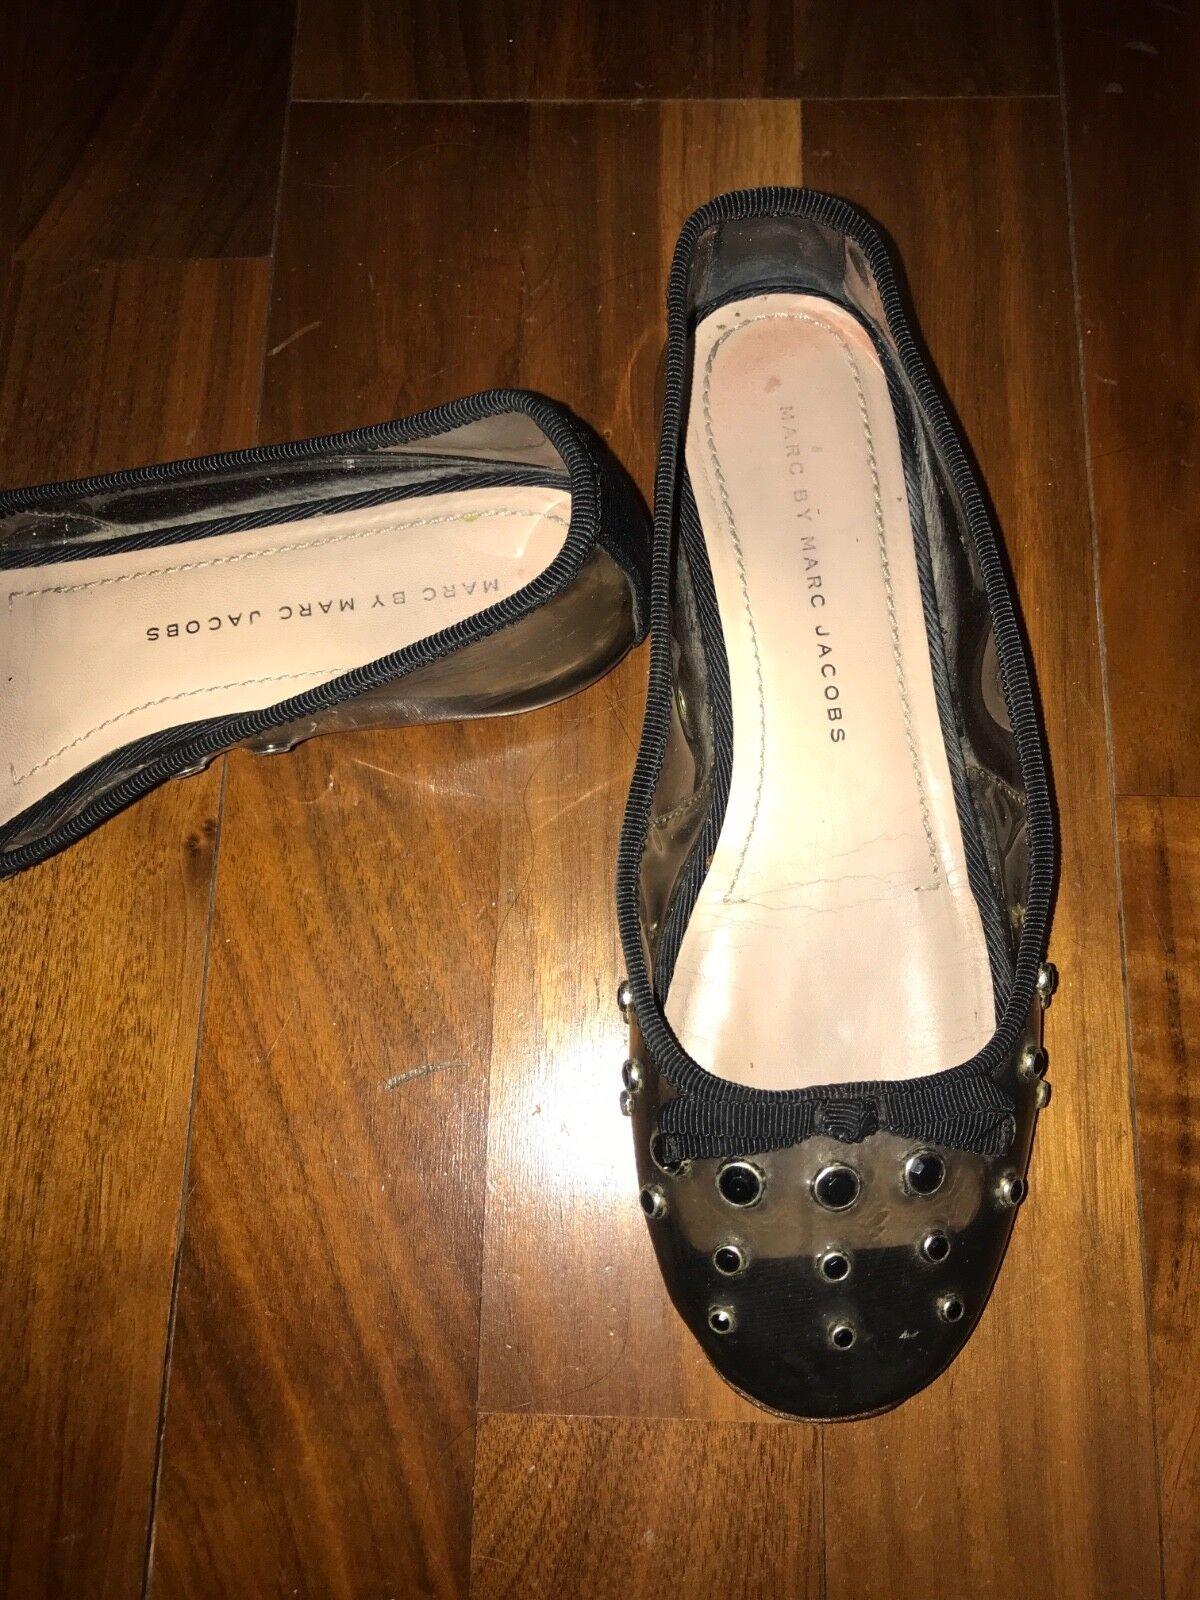 Marc Jacobs EU flat shoes EU Jacobs 35, UK 2-2.5 cff854